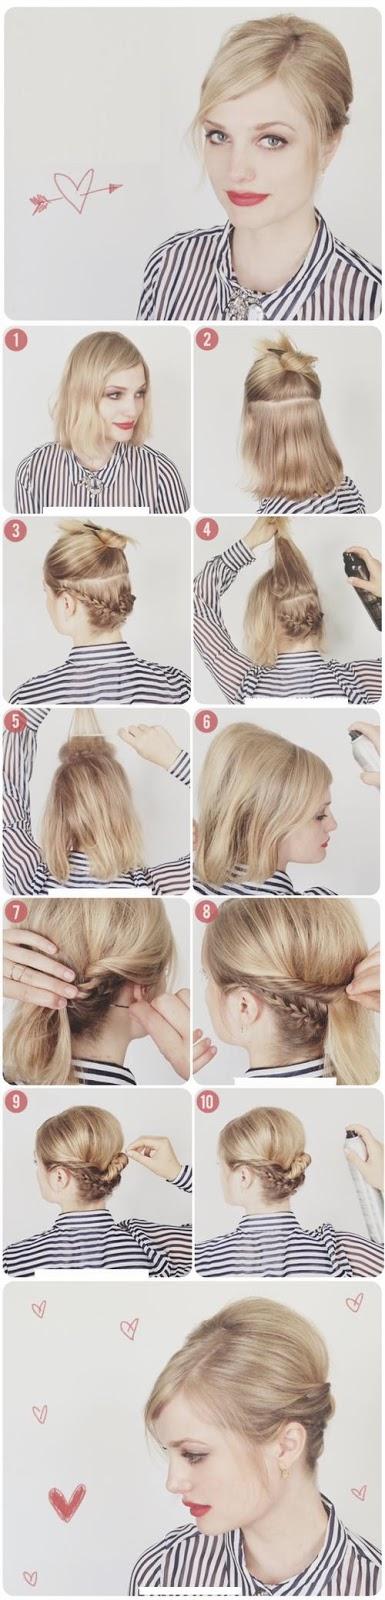 Chignon cheveux court Hairstyles Tutoriel coiffure